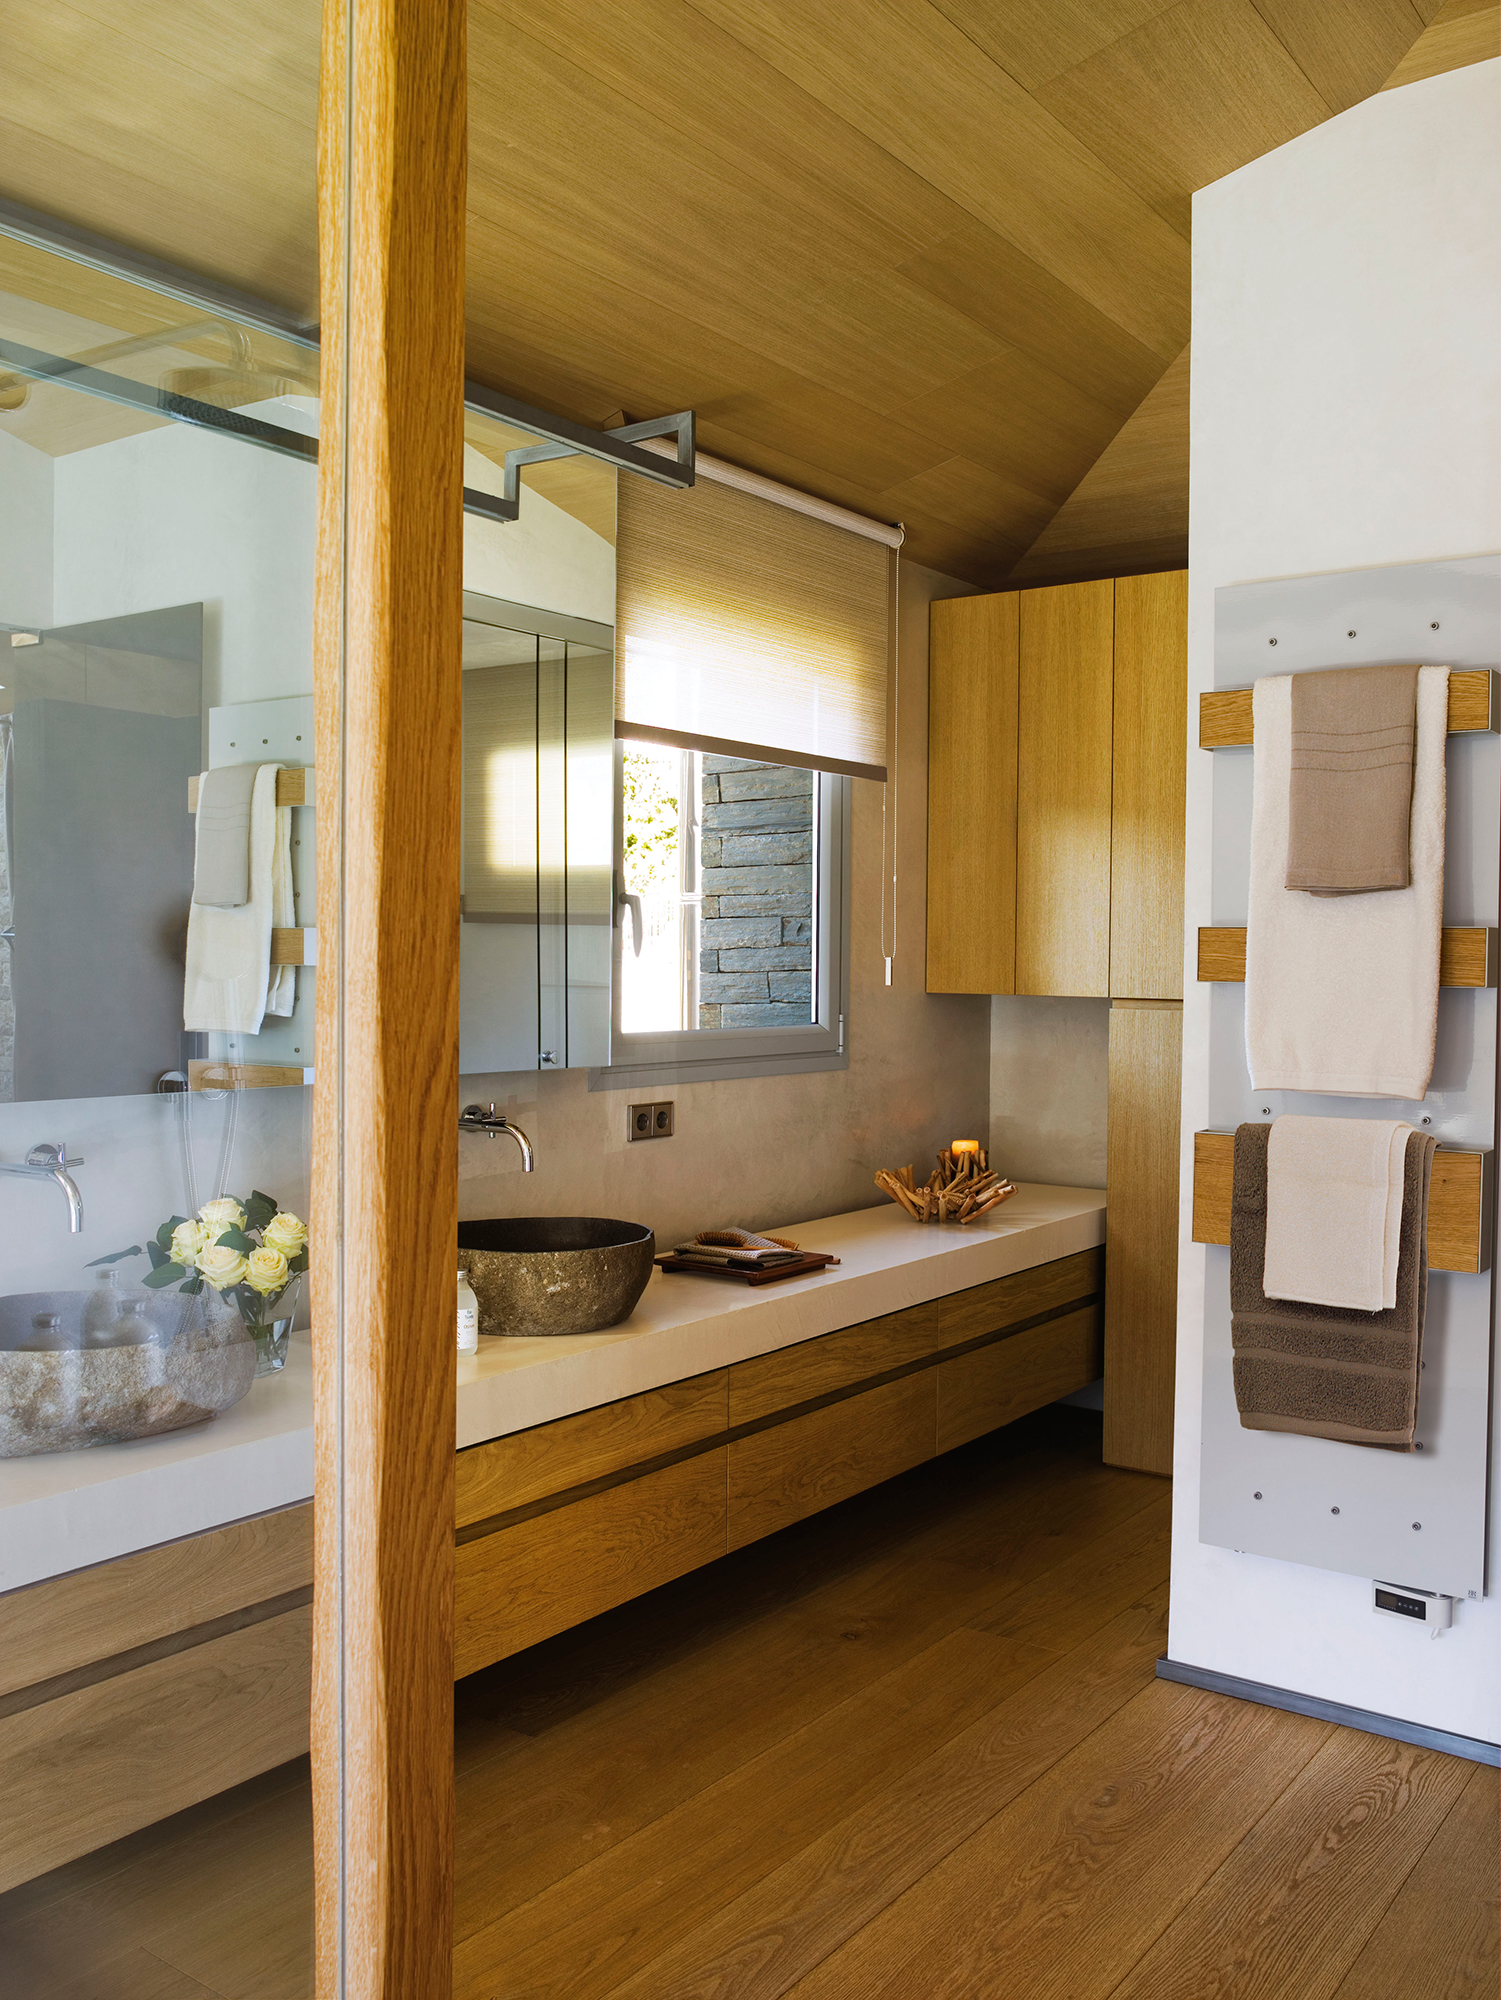 Muebles ba o decoraci n accesorios mamparas y azulejos for Muebles imitacion diseno